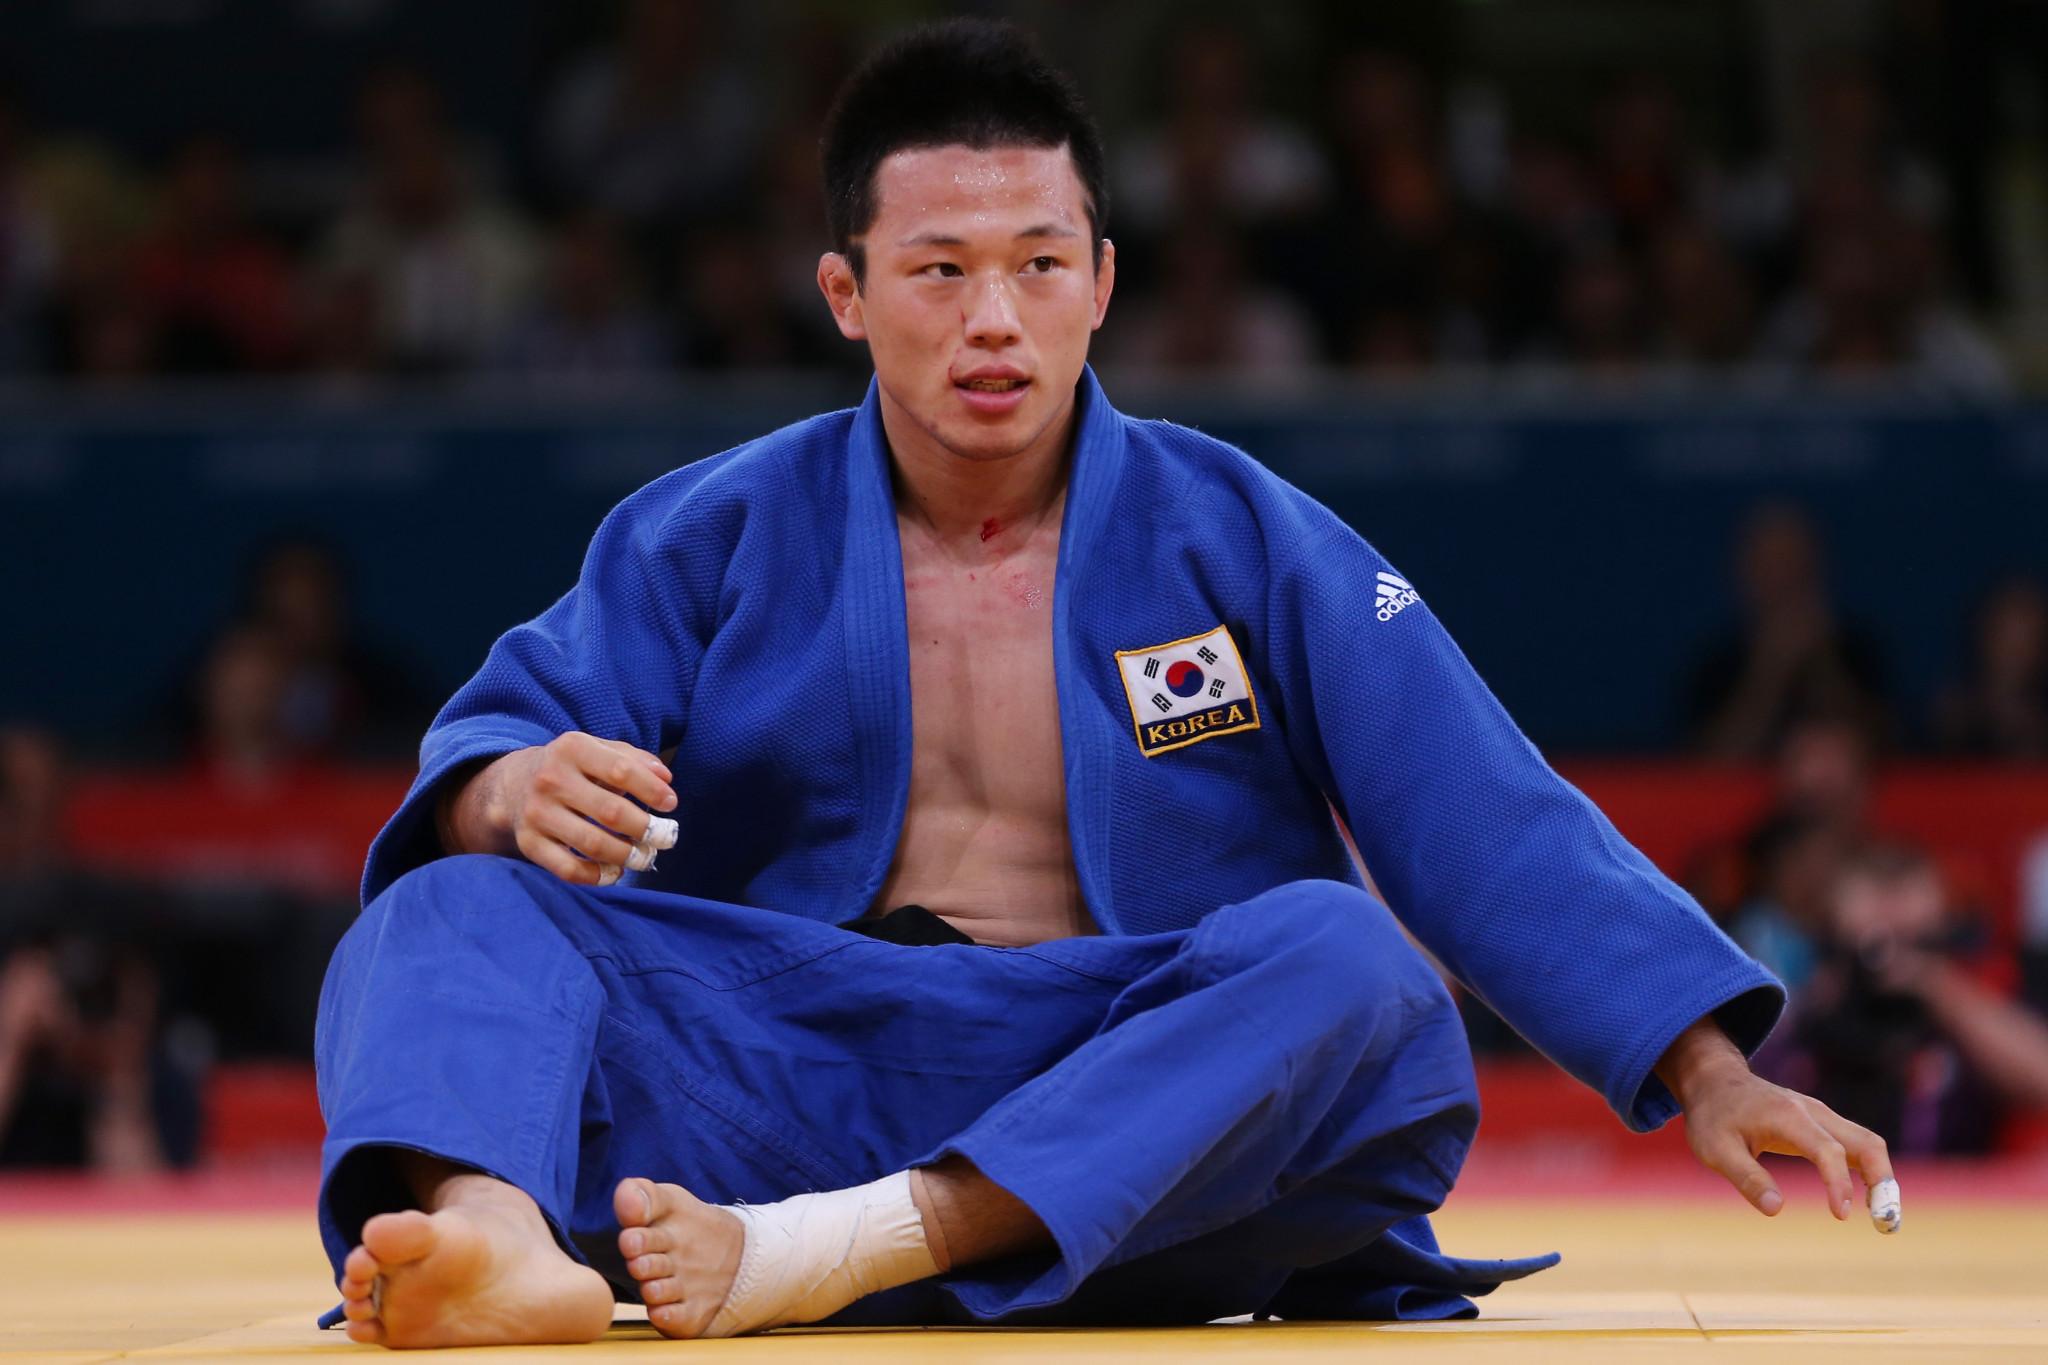 Beijing 2008 silver medallist Wang arrested over alleged sexual assault